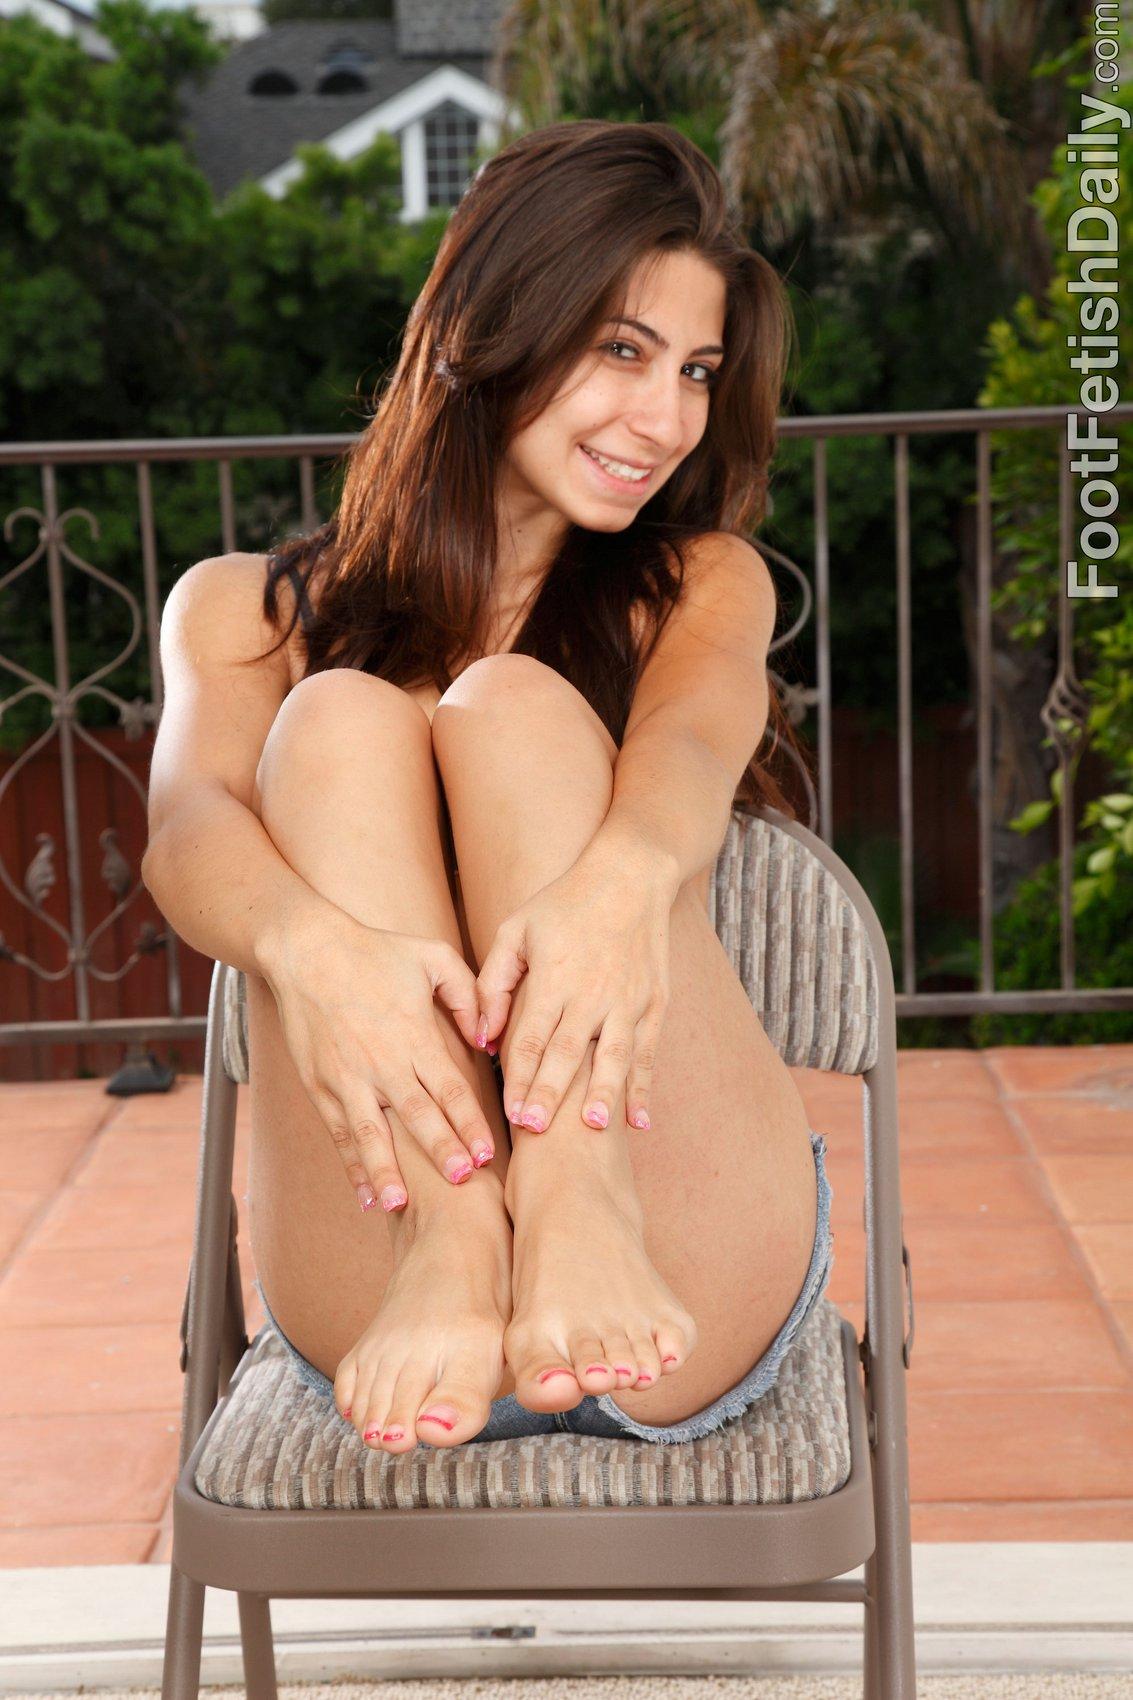 Cute brunette Allie Jordan shows her sexy feet - My ...